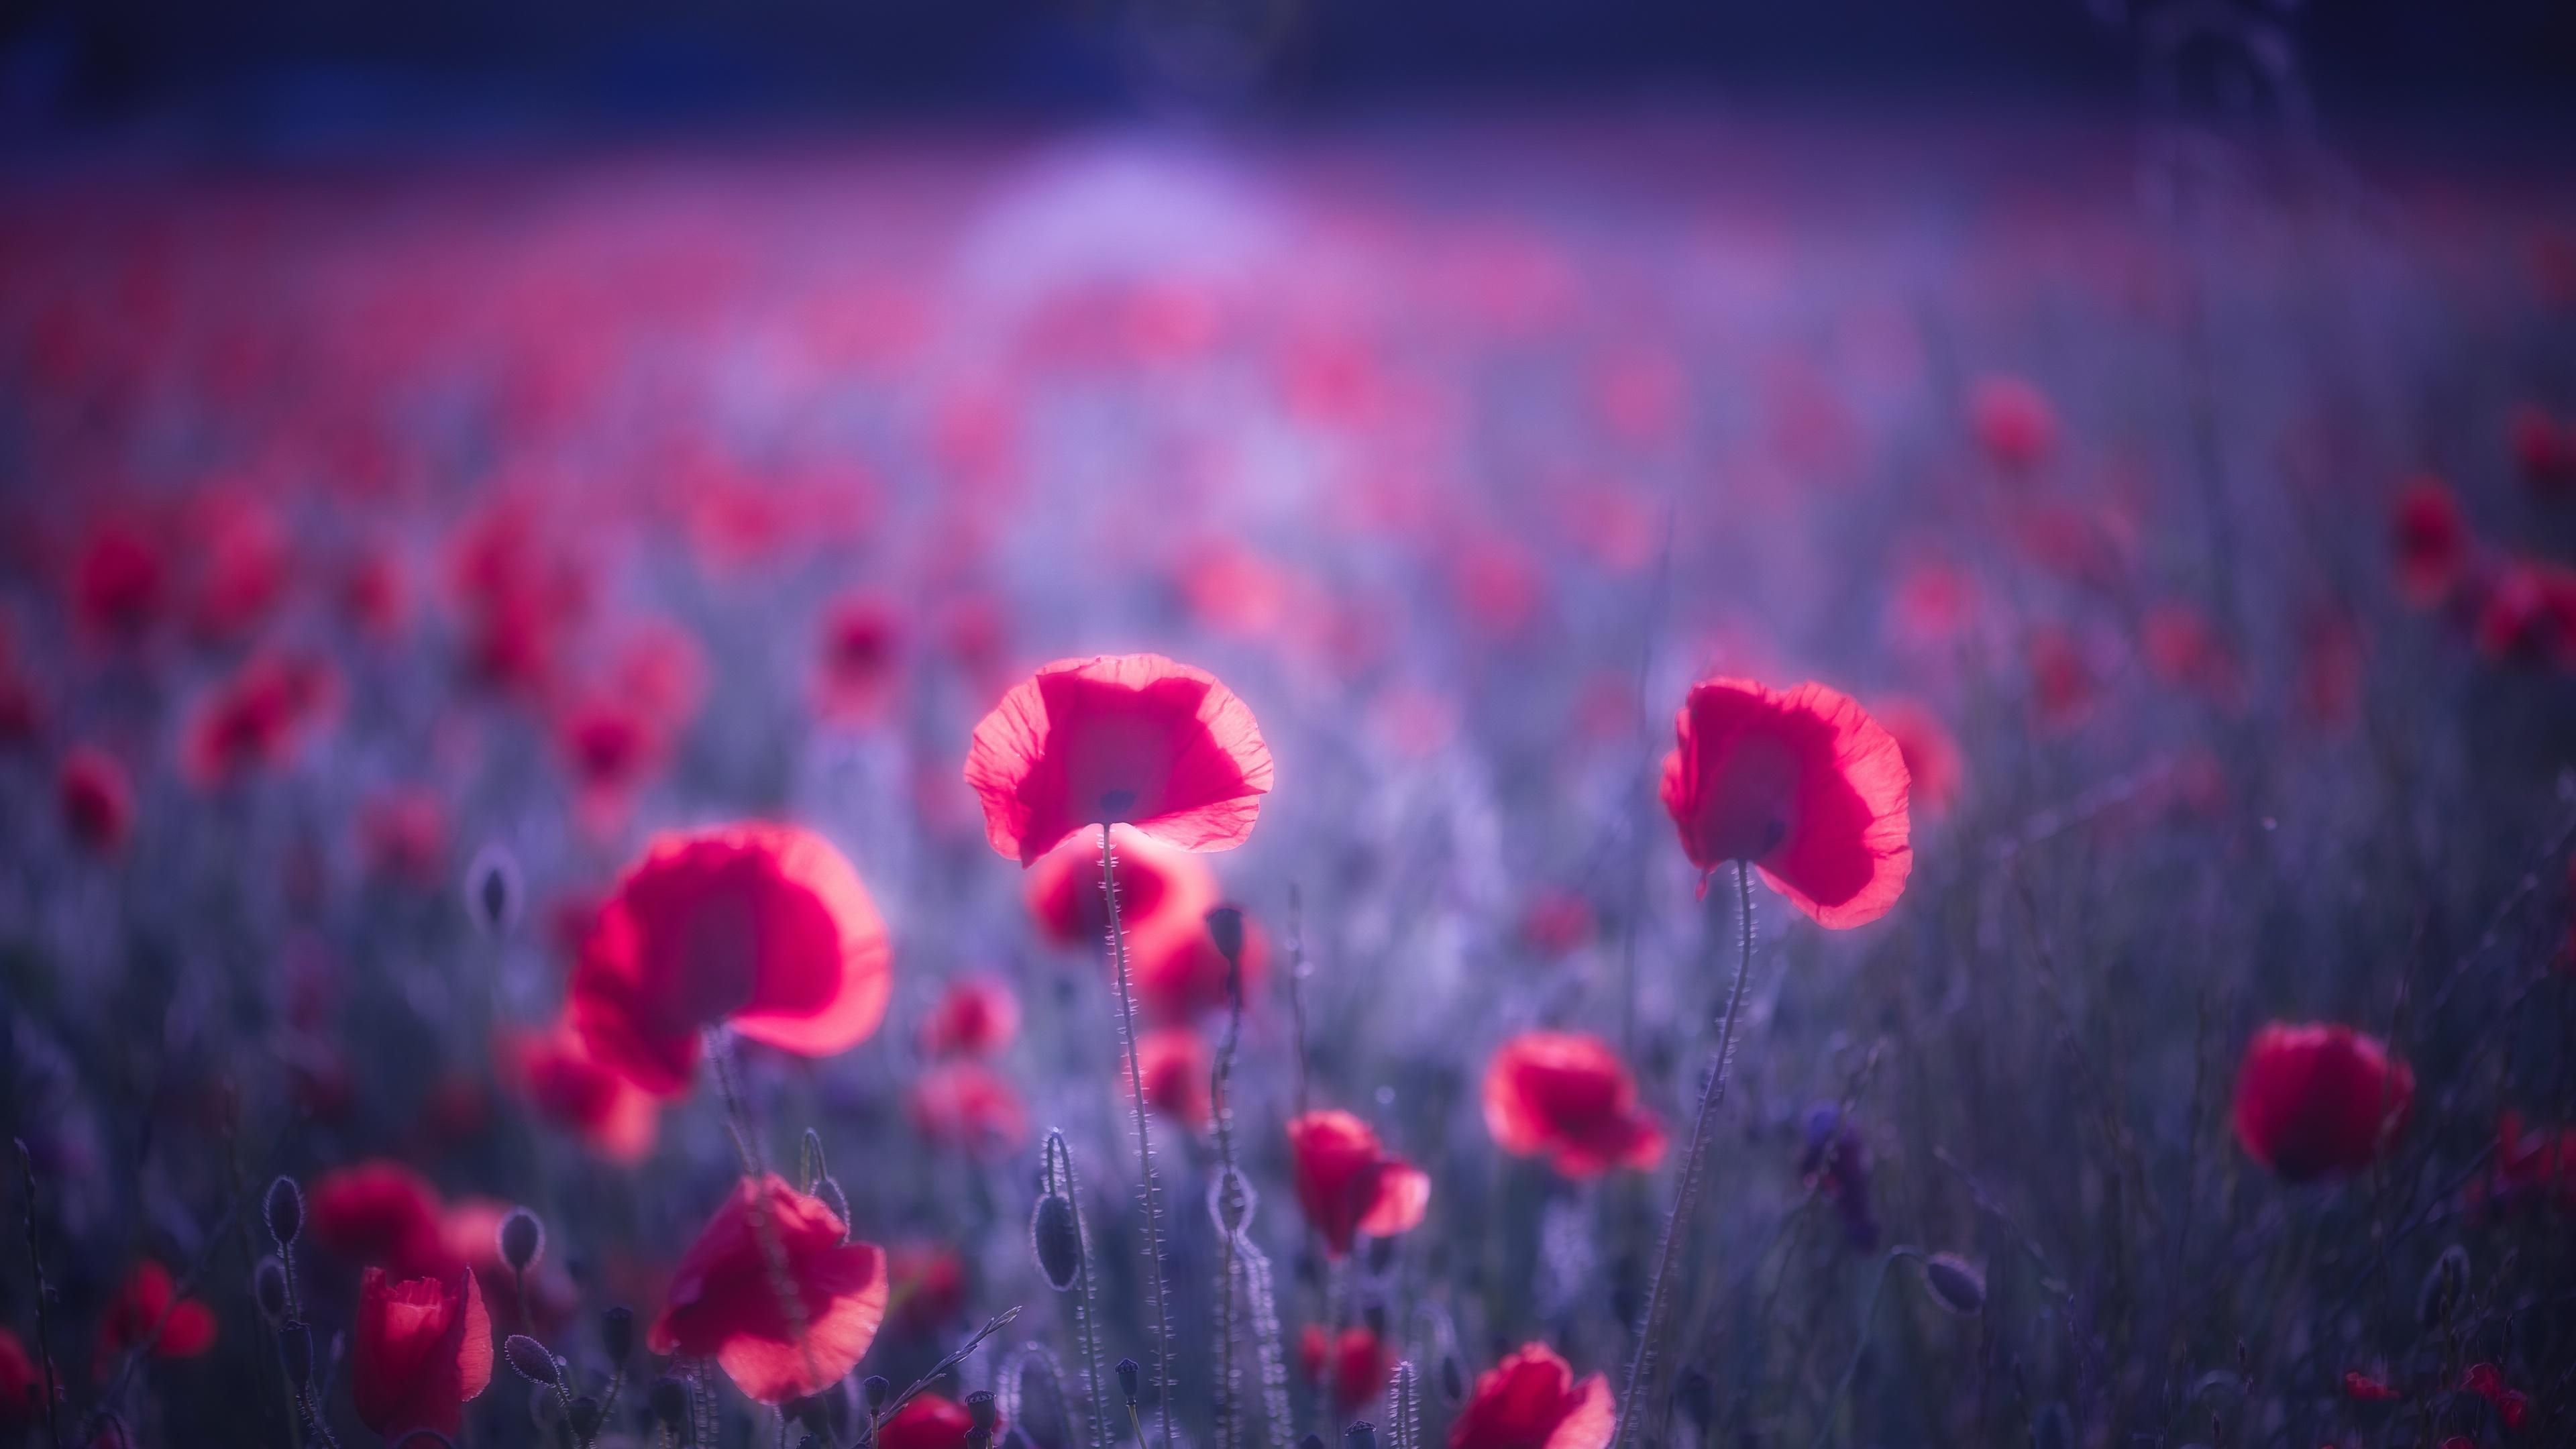 poppy-flowers-8k-0s.jpg